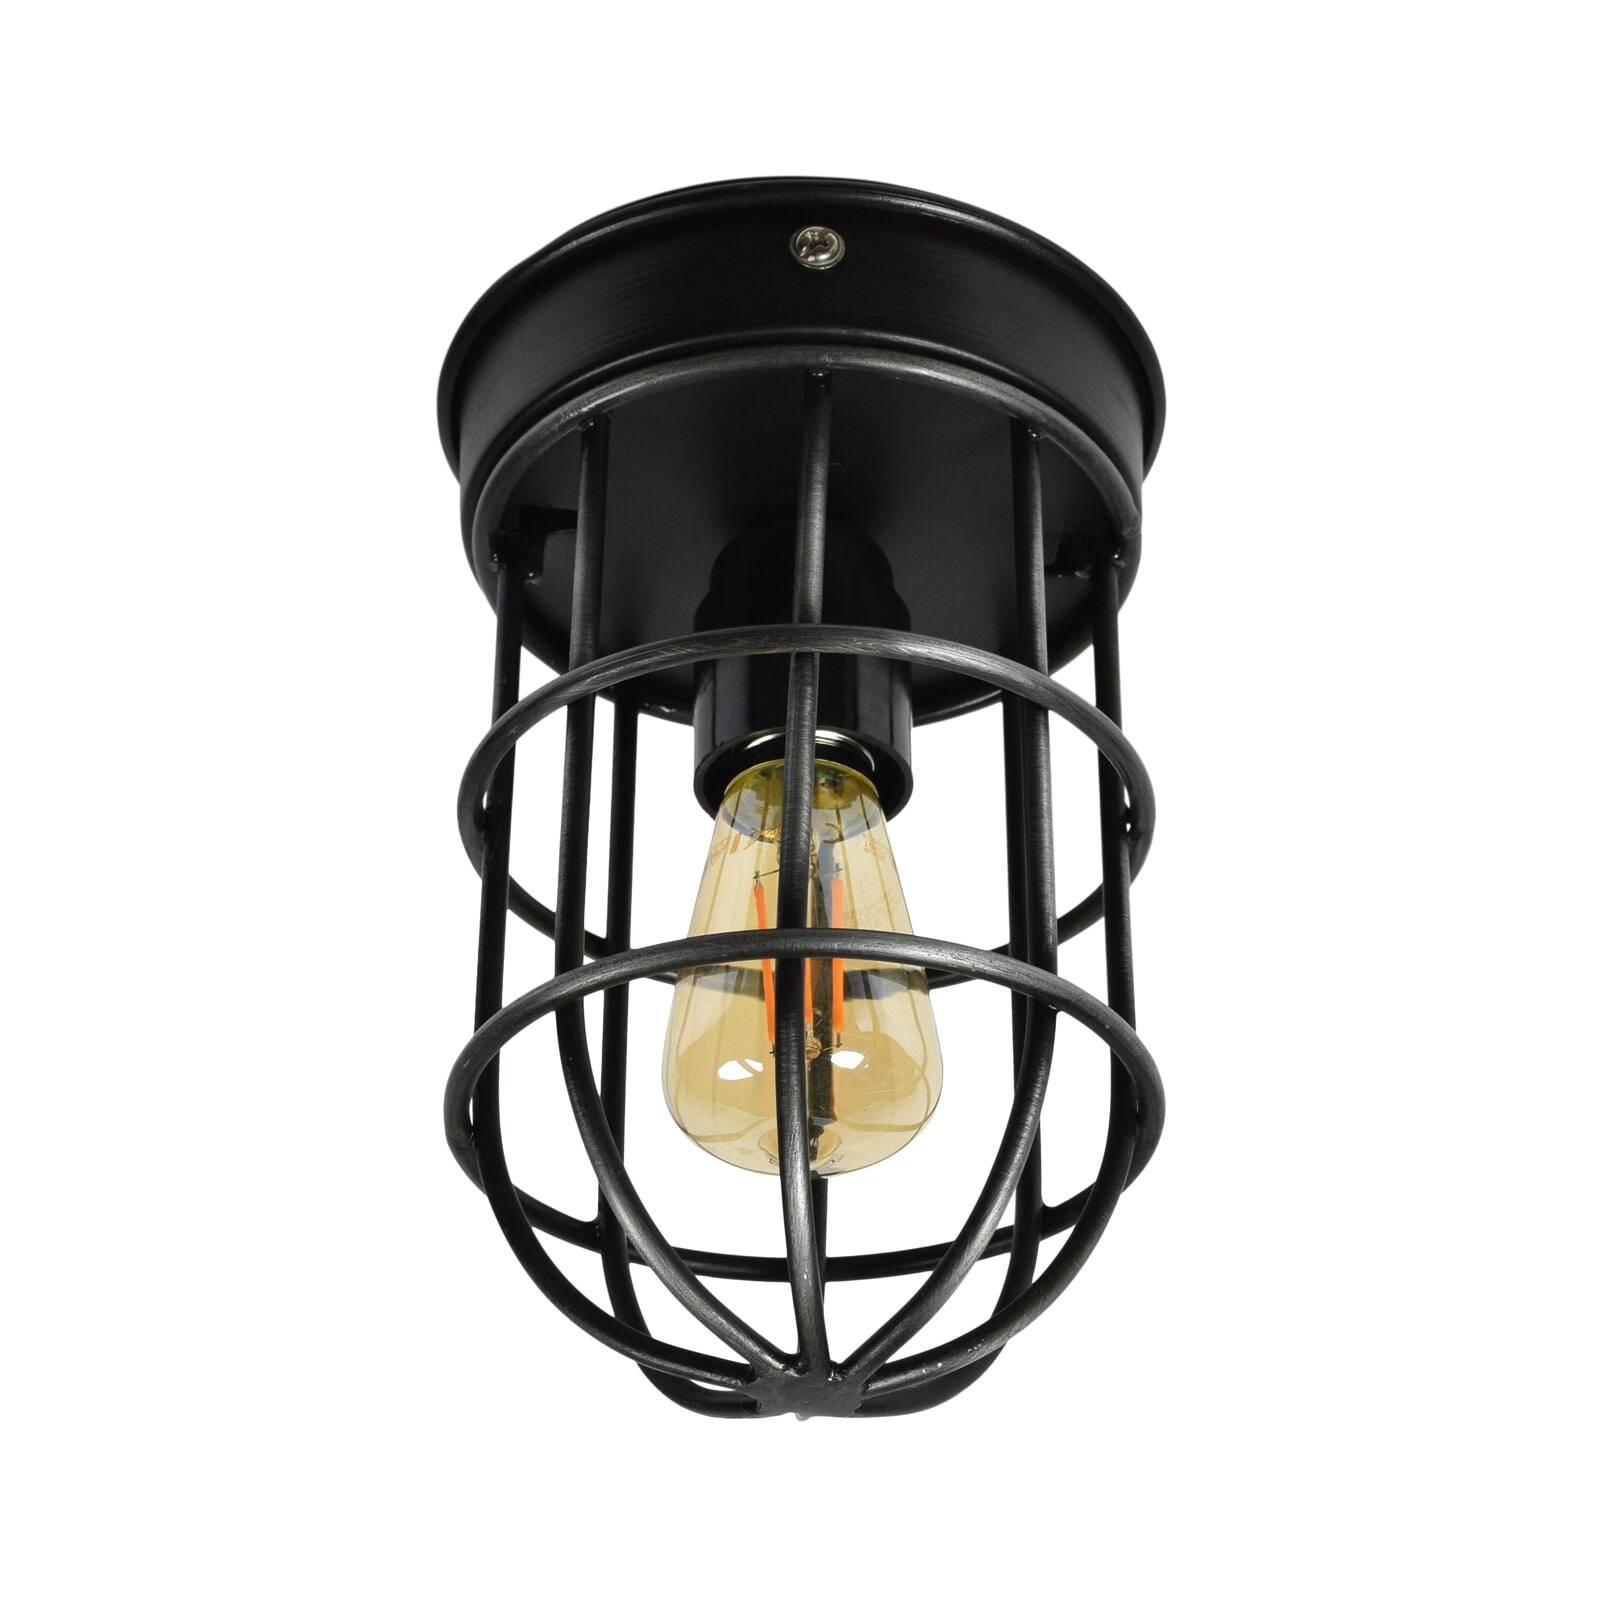 Urban Interiors plafondlamp 'Barn', kleur Vintage Black Verlichting | Plafondlampen vergelijken doe je het voordeligst hier bij Meubelpartner